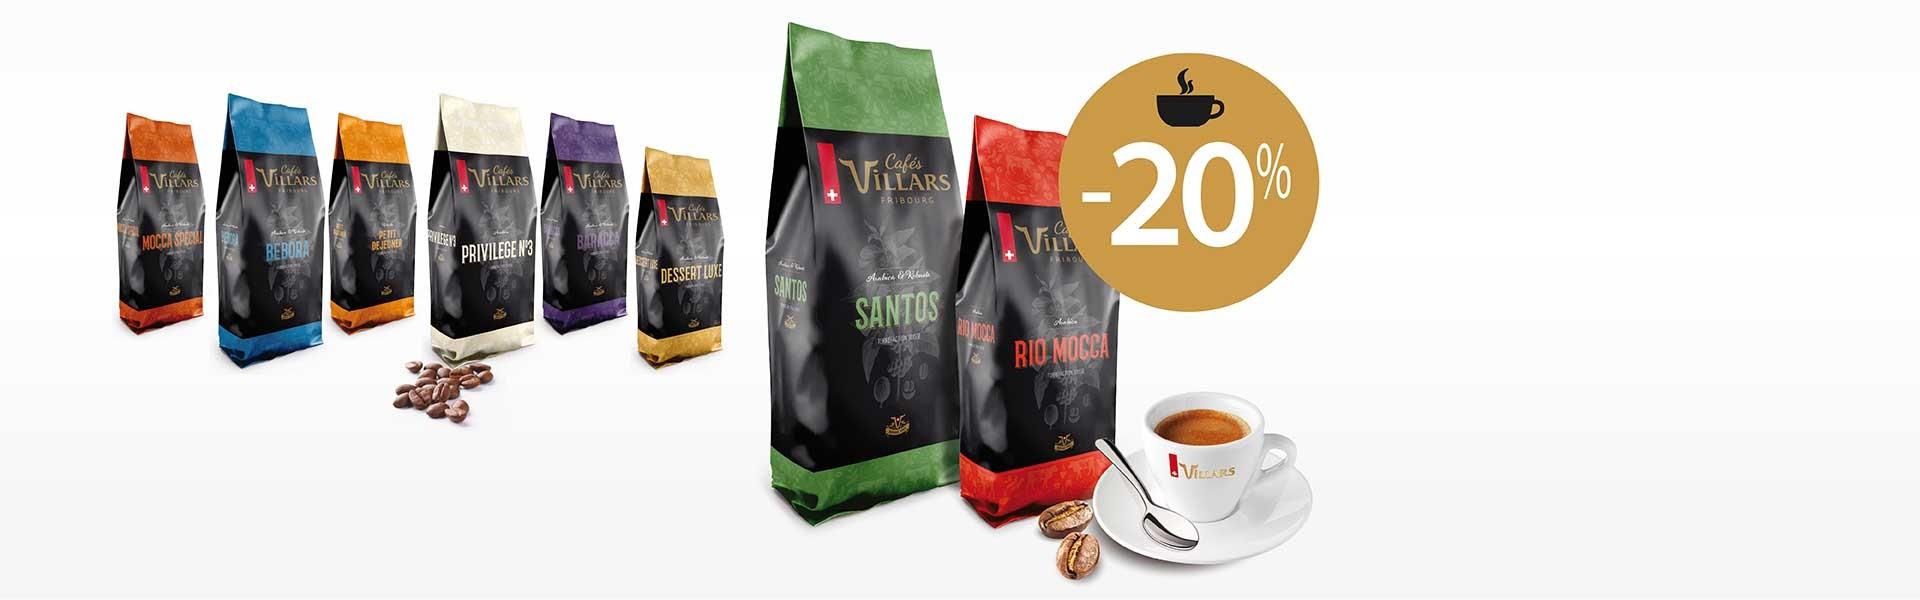 L'automne démarre bien avec notre offre café Villars!Jusqu'au 17 octobre, dès 3 kg achetés vous bénéficiez de -20%. Des mélanges équilibrés convenant à toutes les préparations de café et tous les types de gastronomie.